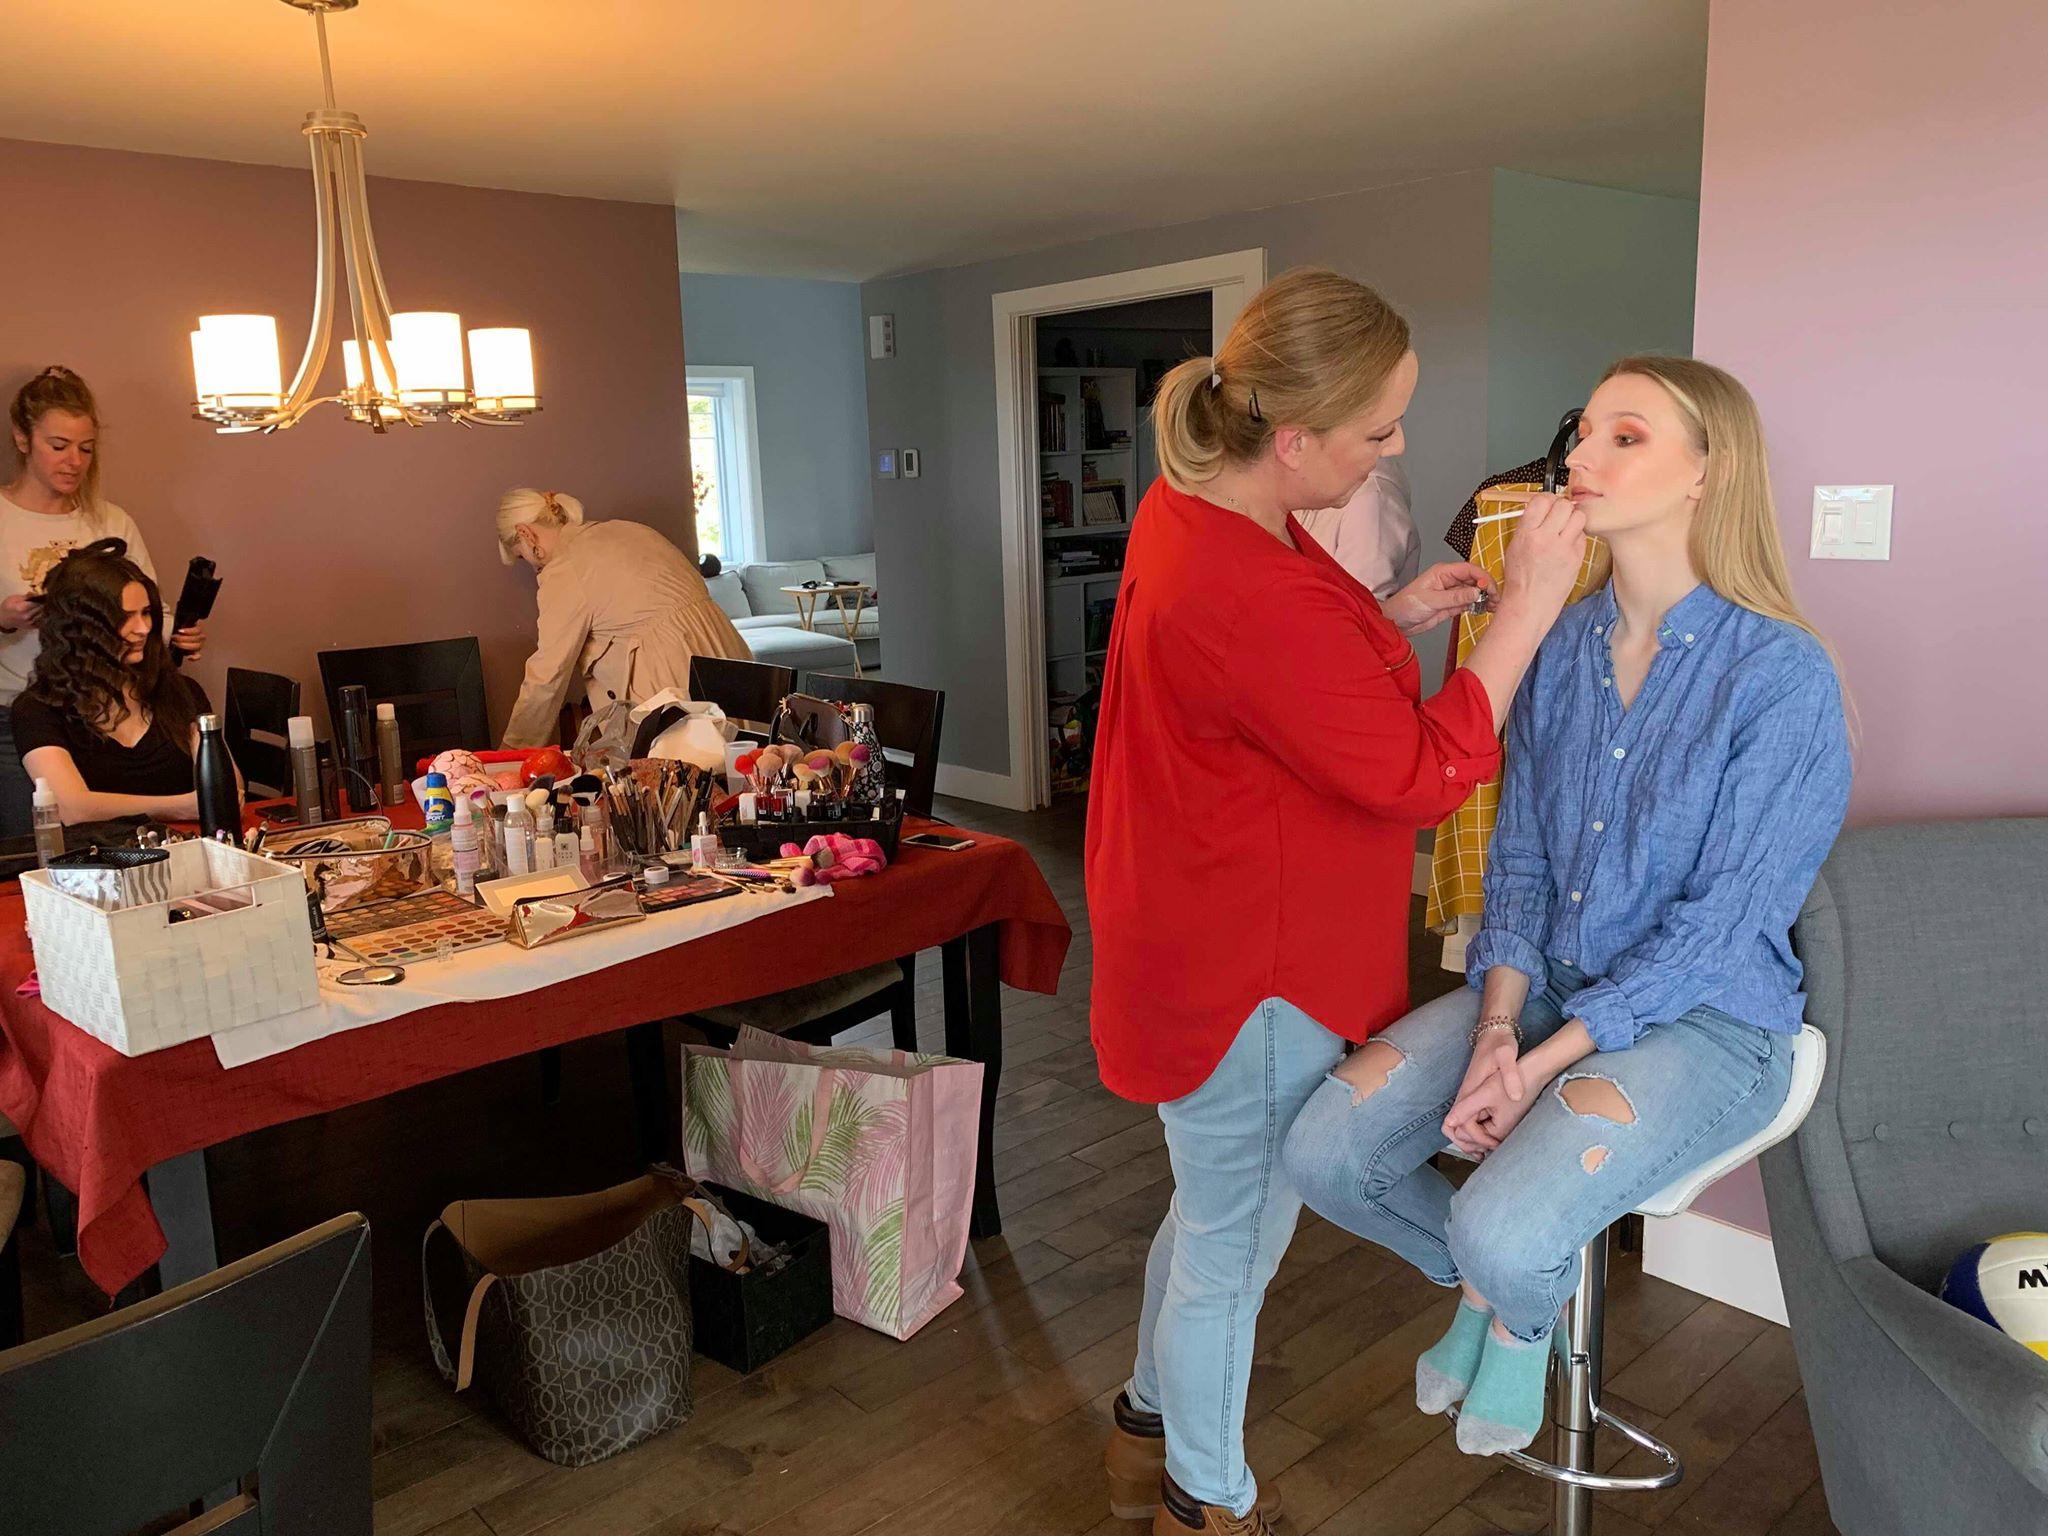 Véronique et Nancy maquillent et coiffent nos deux mannequins, Kim et Alexandrine.